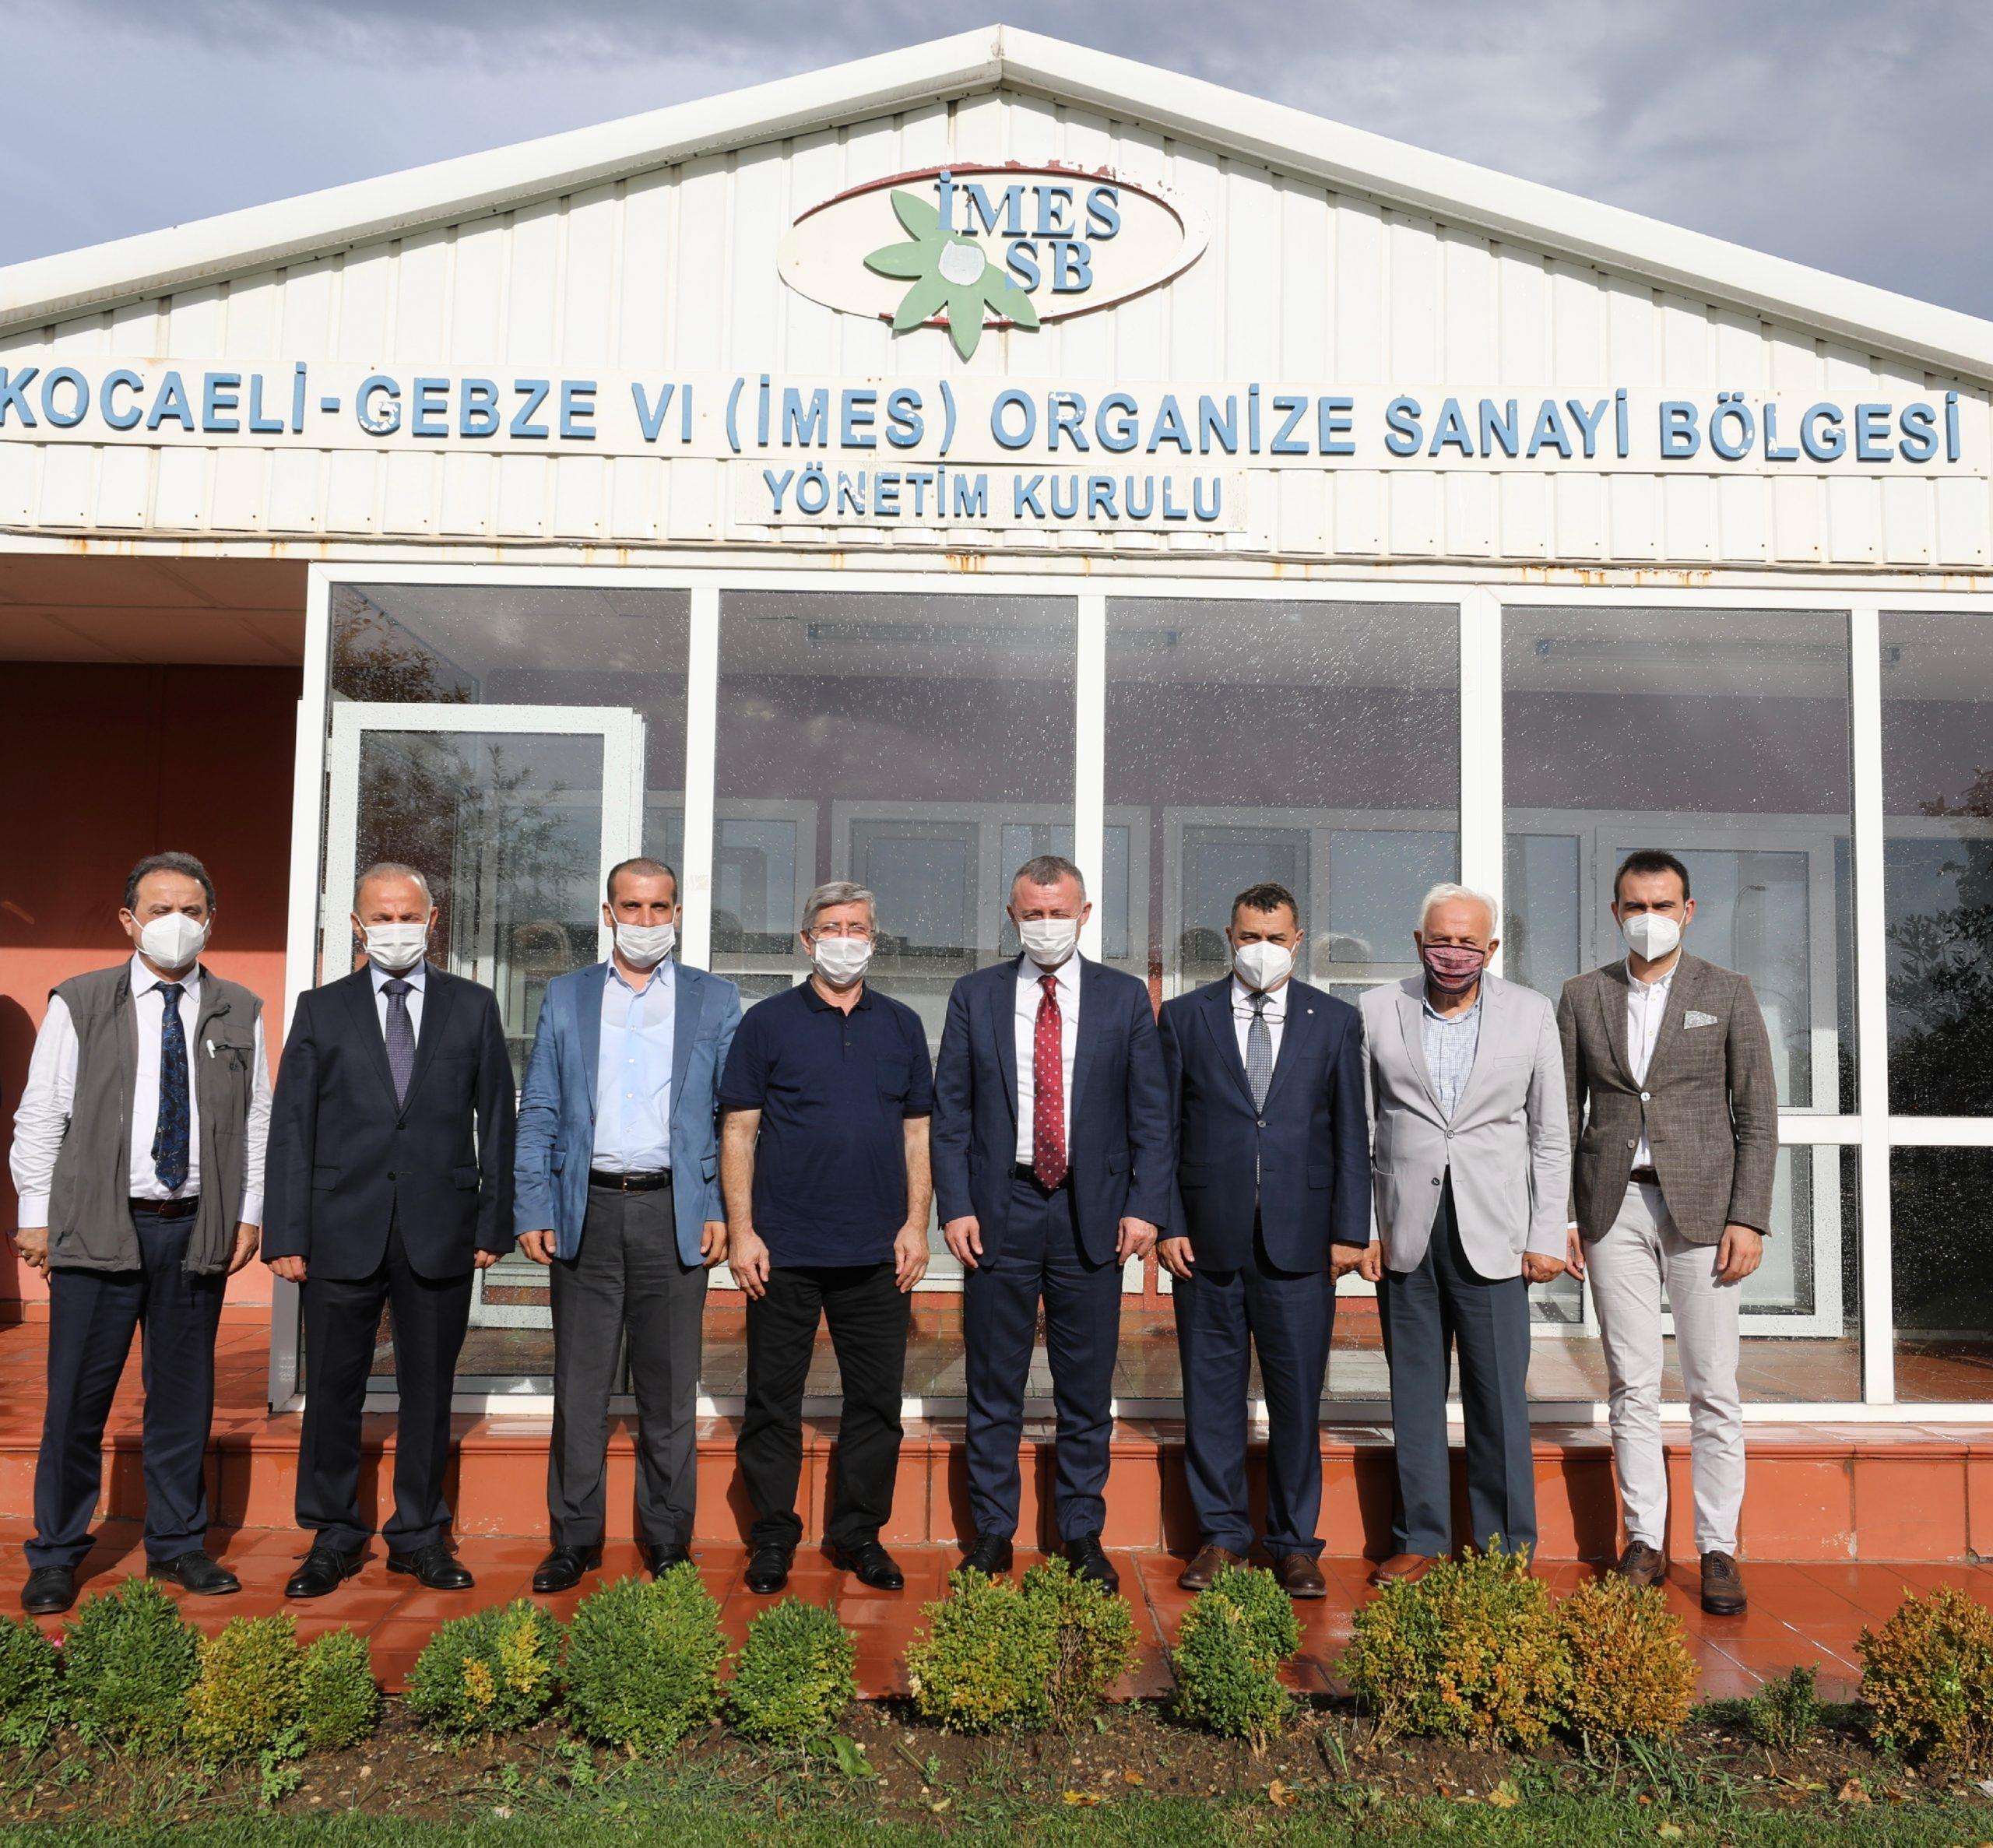 Başkan Büyükakın'dan İMES OSB'ye Taziye Ziyareti